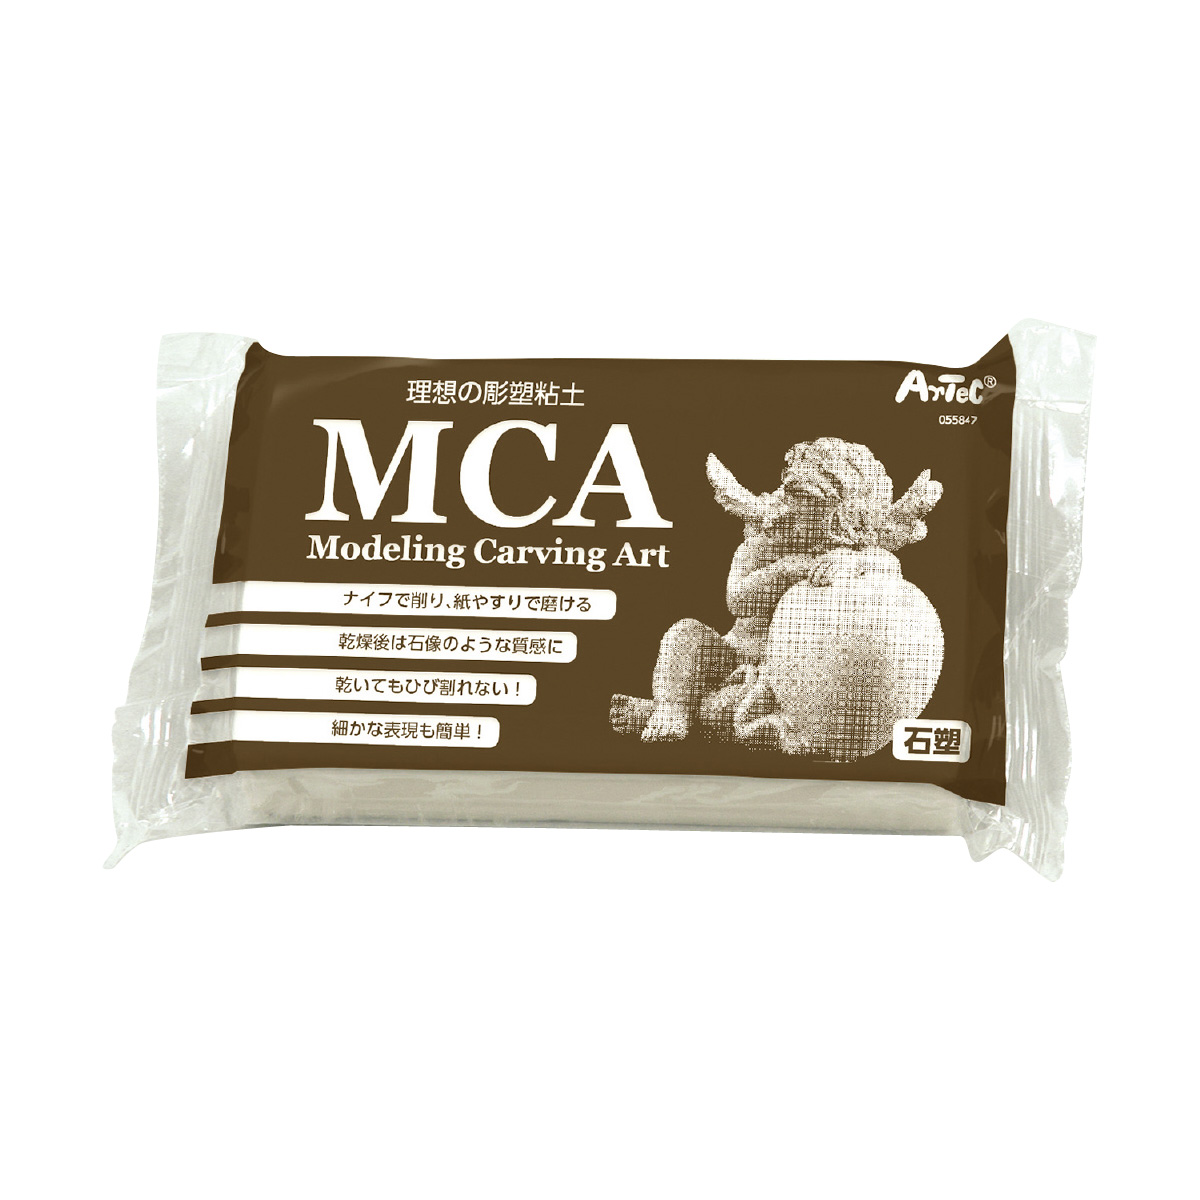 彫塑粘土 MCA 彫塑用粘土 ねんど 工作 美術 図工 子供 小学生 夏休み 自由研究 クリスマスプレゼント